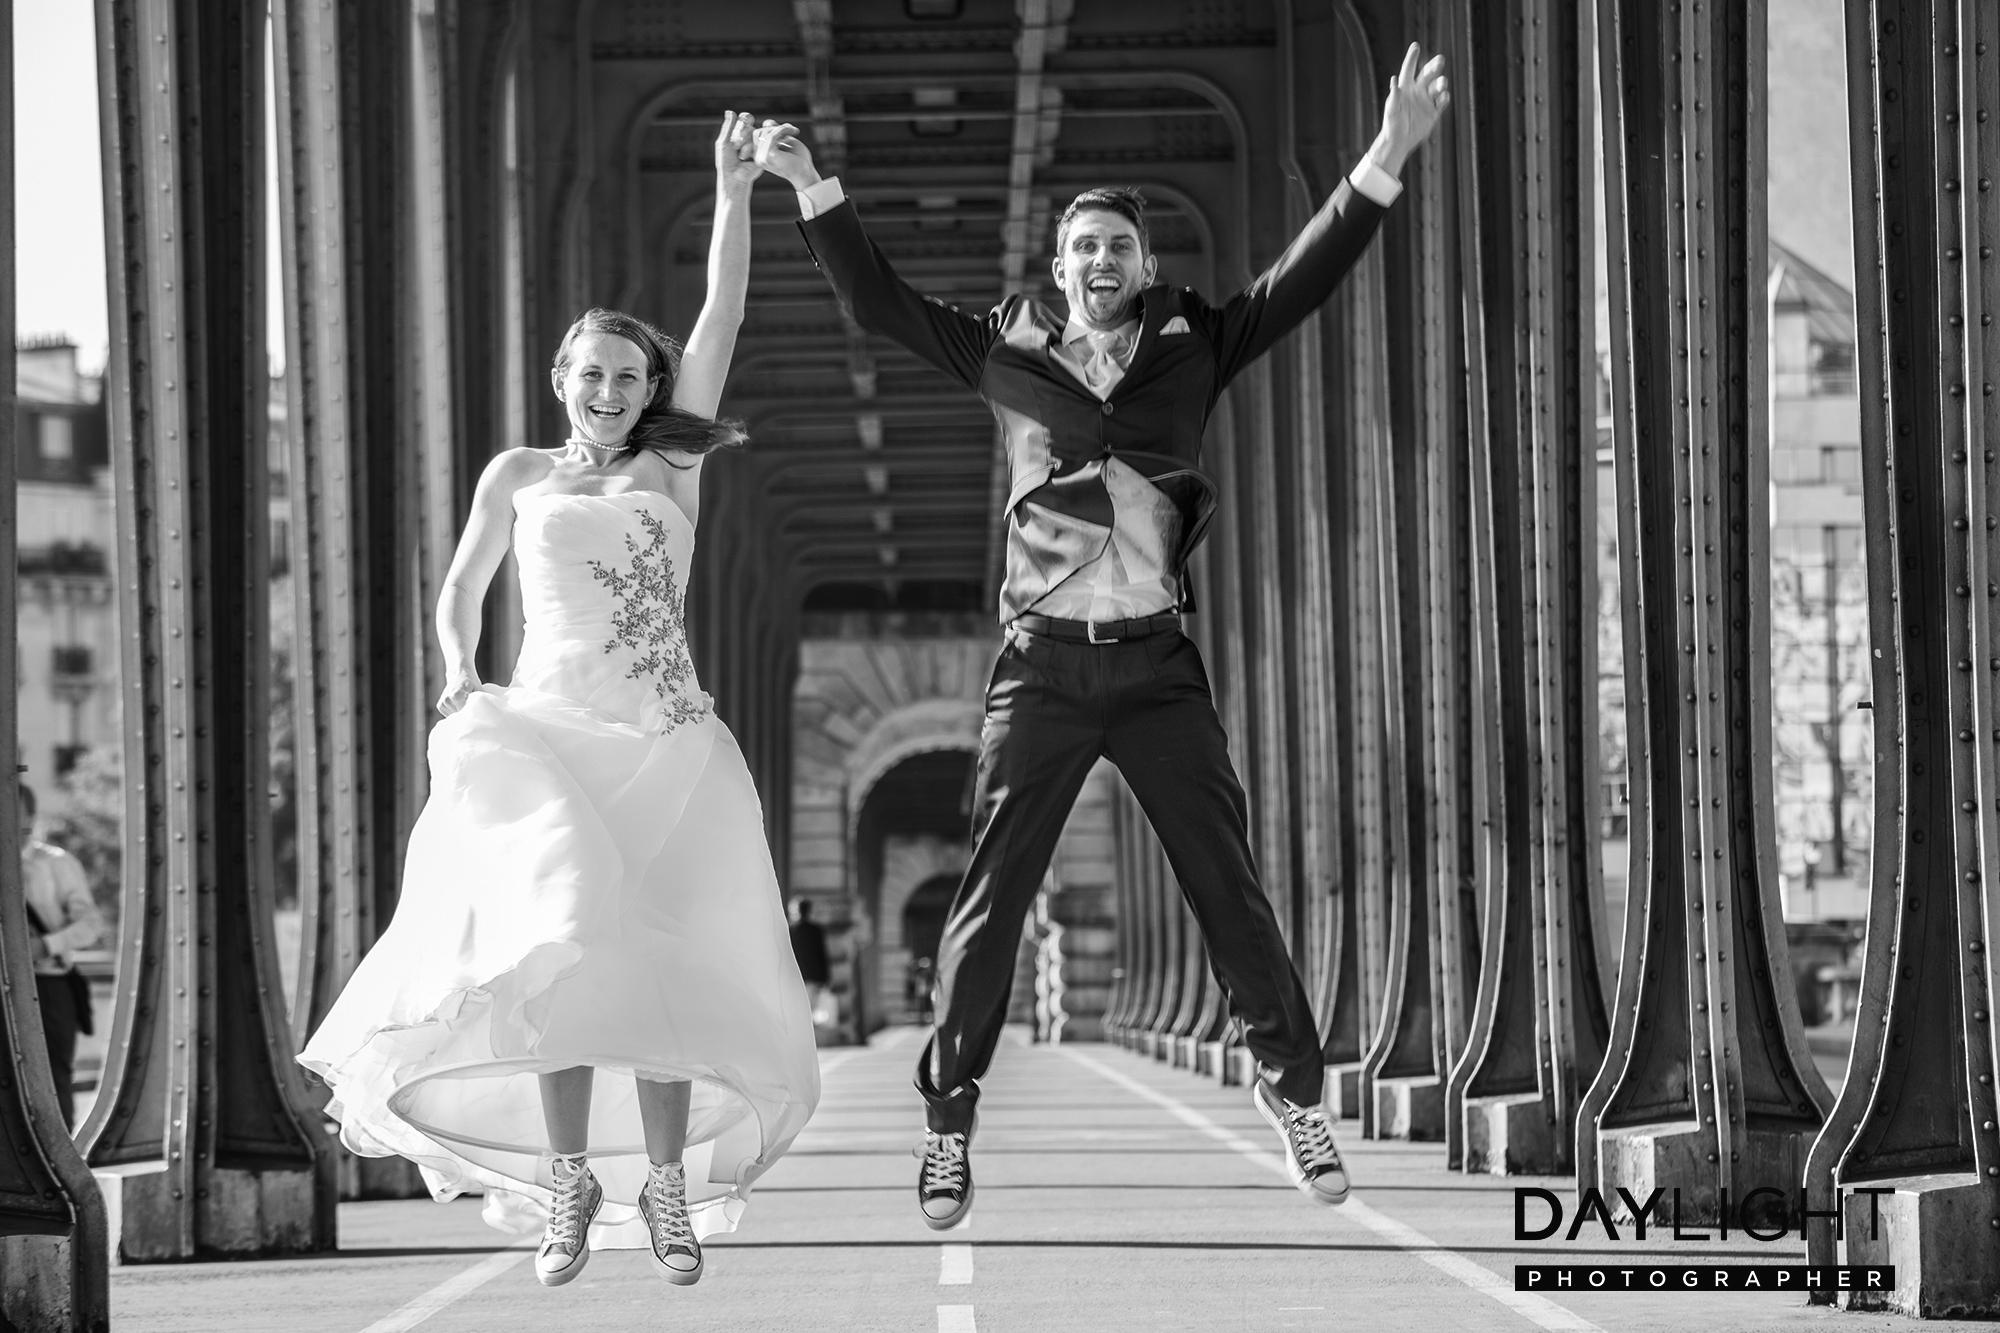 wedding photoshot in paris